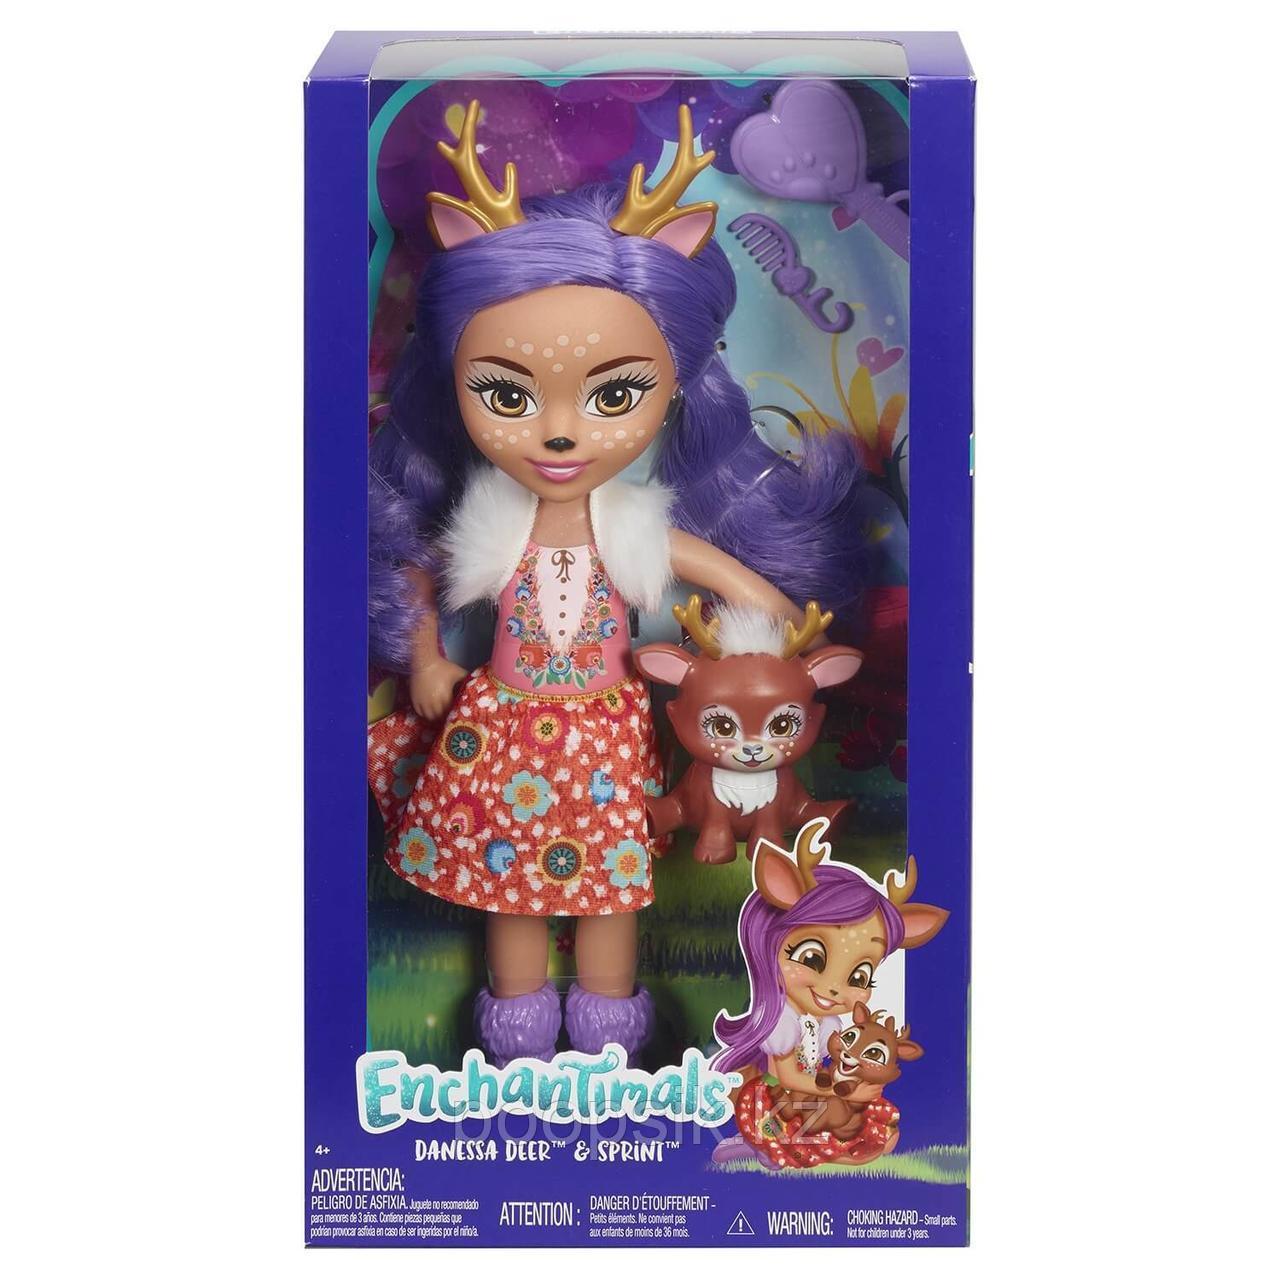 Enchantimals Данесса Олени большая кукла с питомцем FRH51 - фото 1